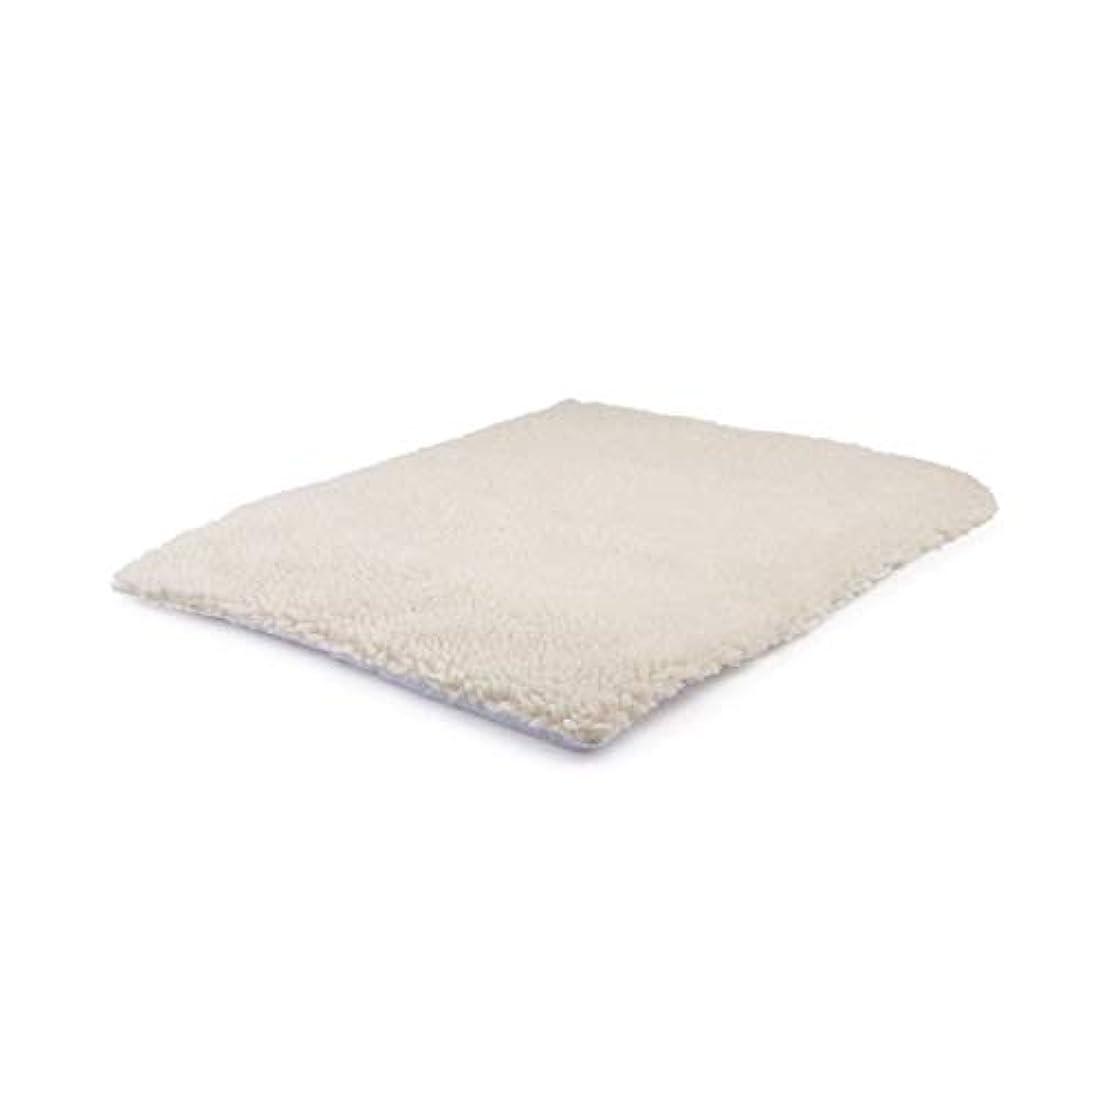 ほのめかす石灰岩後悔Saikogoods 自己発熱ペット毛布 ペットベッド ウォッシャブル ノーエレクトリック スーパーソフト 子犬子猫毛布 ベッドマット ベージュ 640×460mm